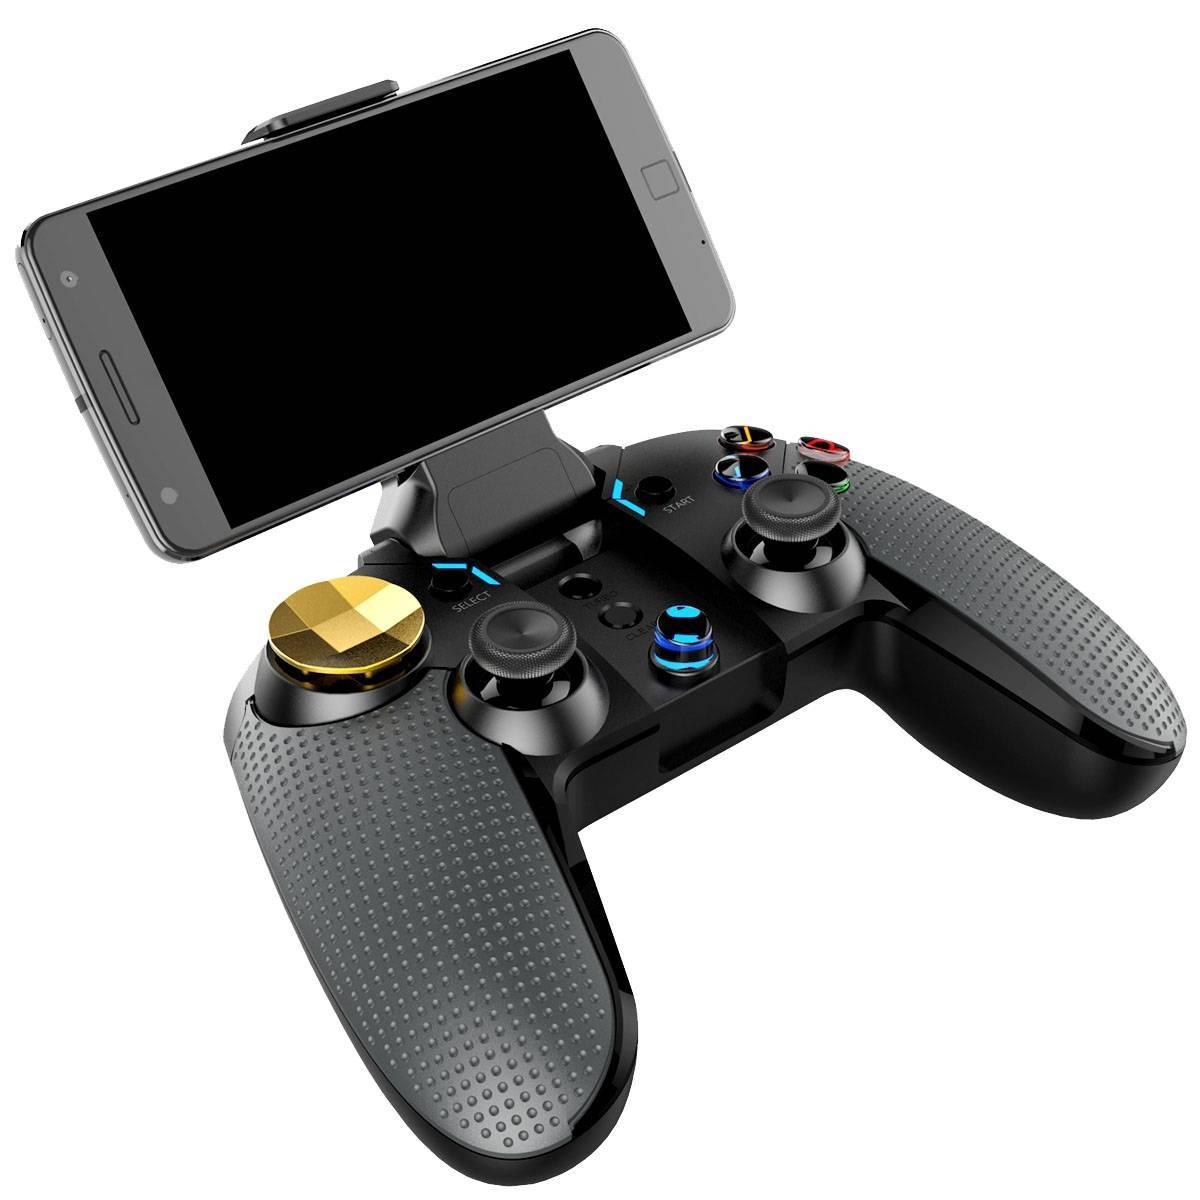 """iPega 9118 """"Golden Warrior"""" Gamepad - Smartphone in Holder"""